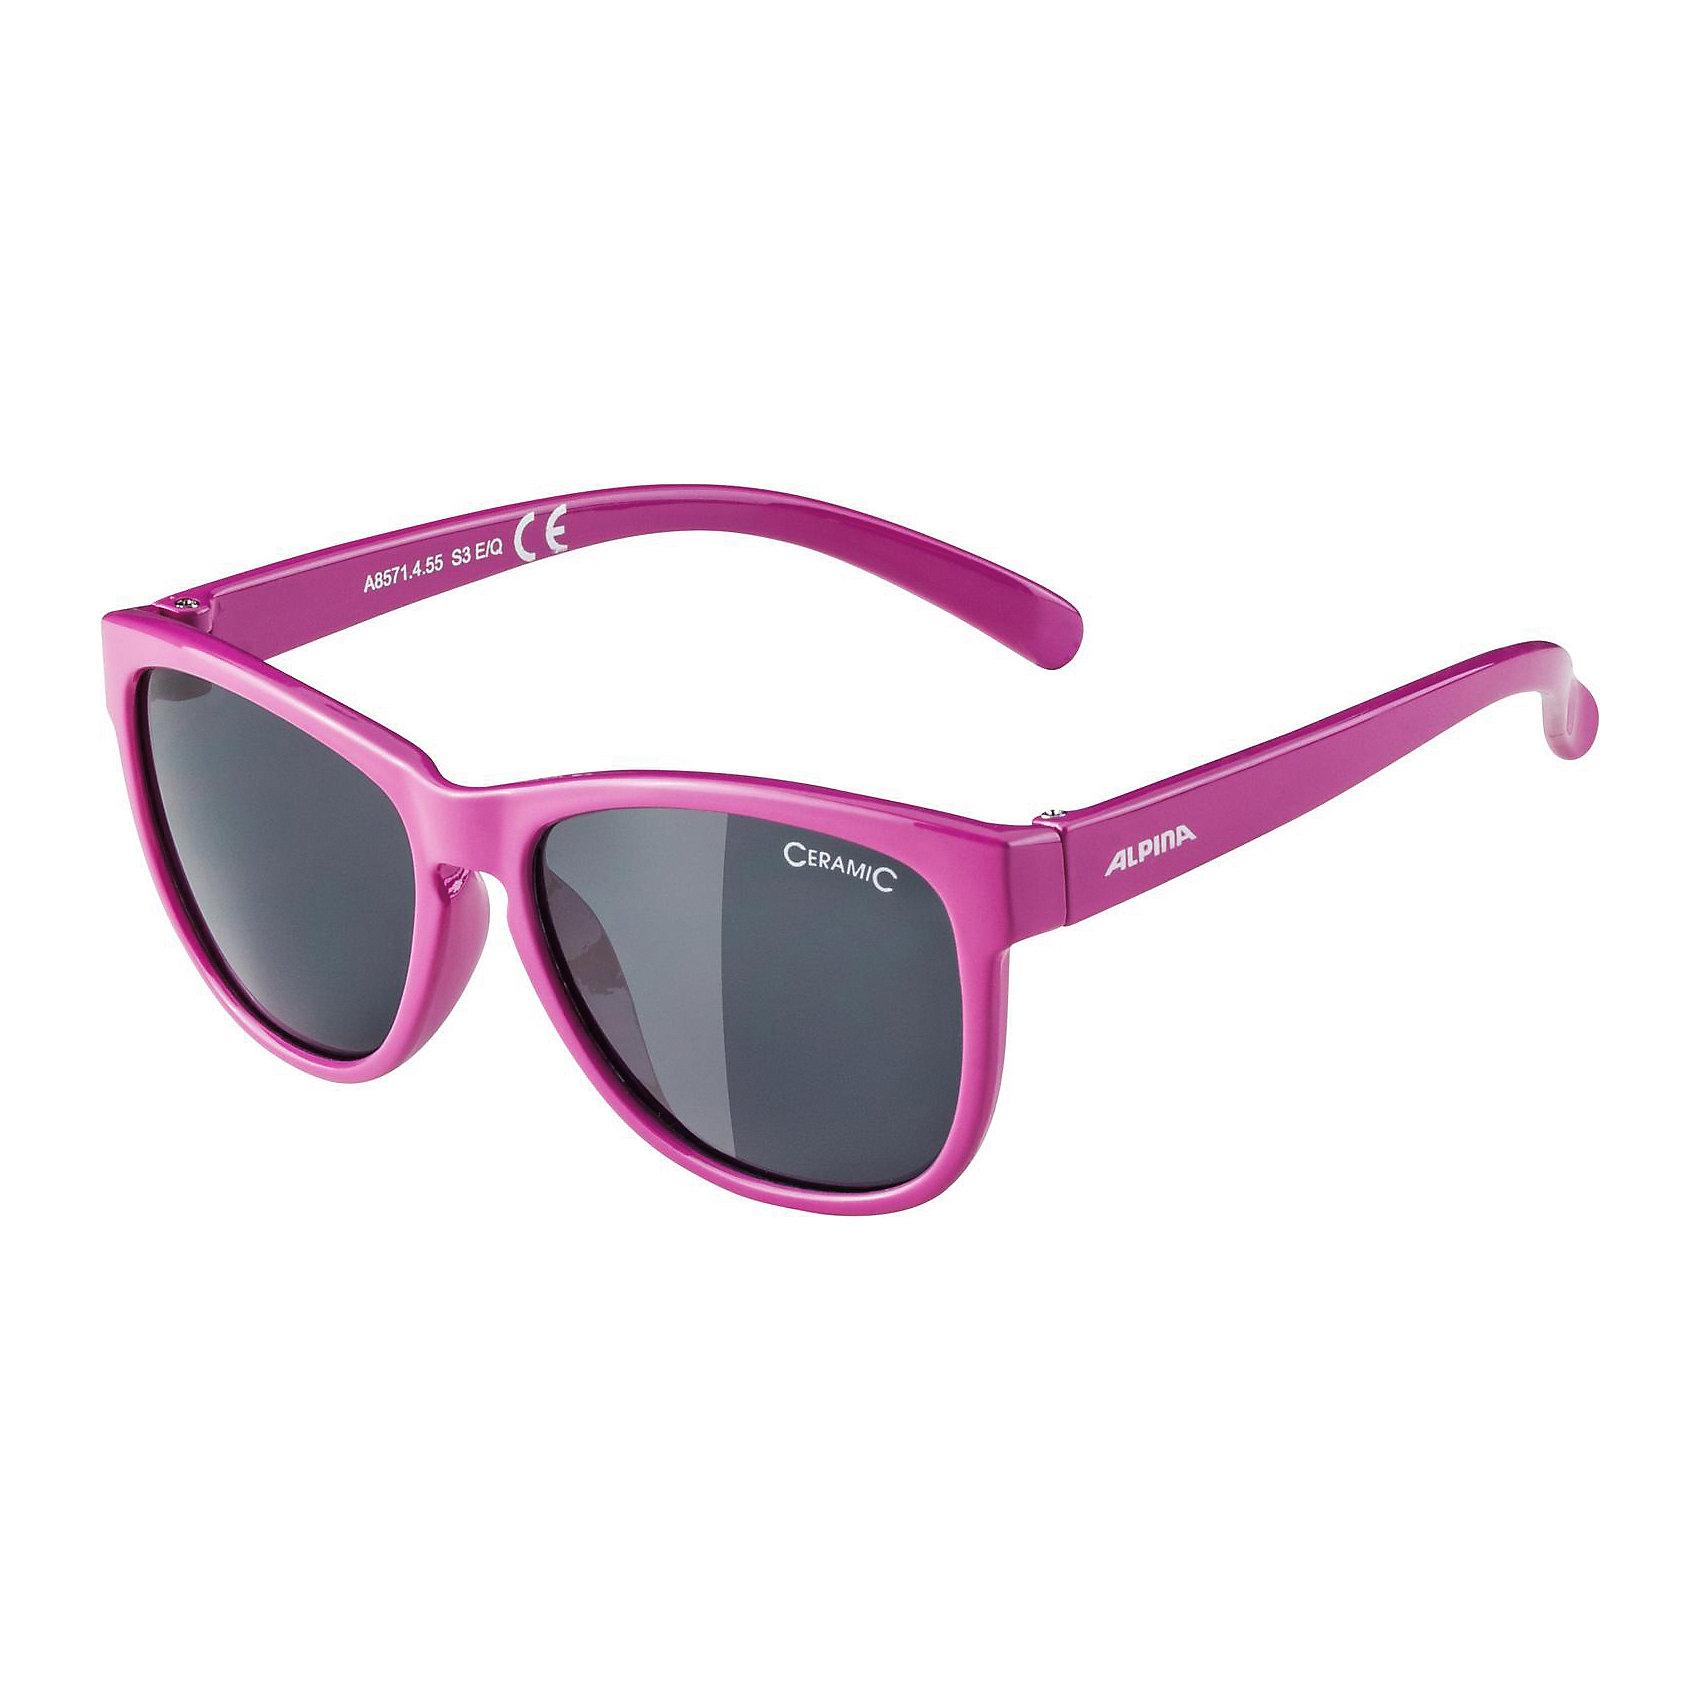 Очки солнцезащитные LUZY, фиолетовые, ALPINAСолнцезащитные очки<br><br><br>Ширина мм: 135<br>Глубина мм: 95<br>Высота мм: 40<br>Вес г: 32<br>Цвет: лиловый<br>Возраст от месяцев: 72<br>Возраст до месяцев: 120<br>Пол: Женский<br>Возраст: Детский<br>SKU: 5225740